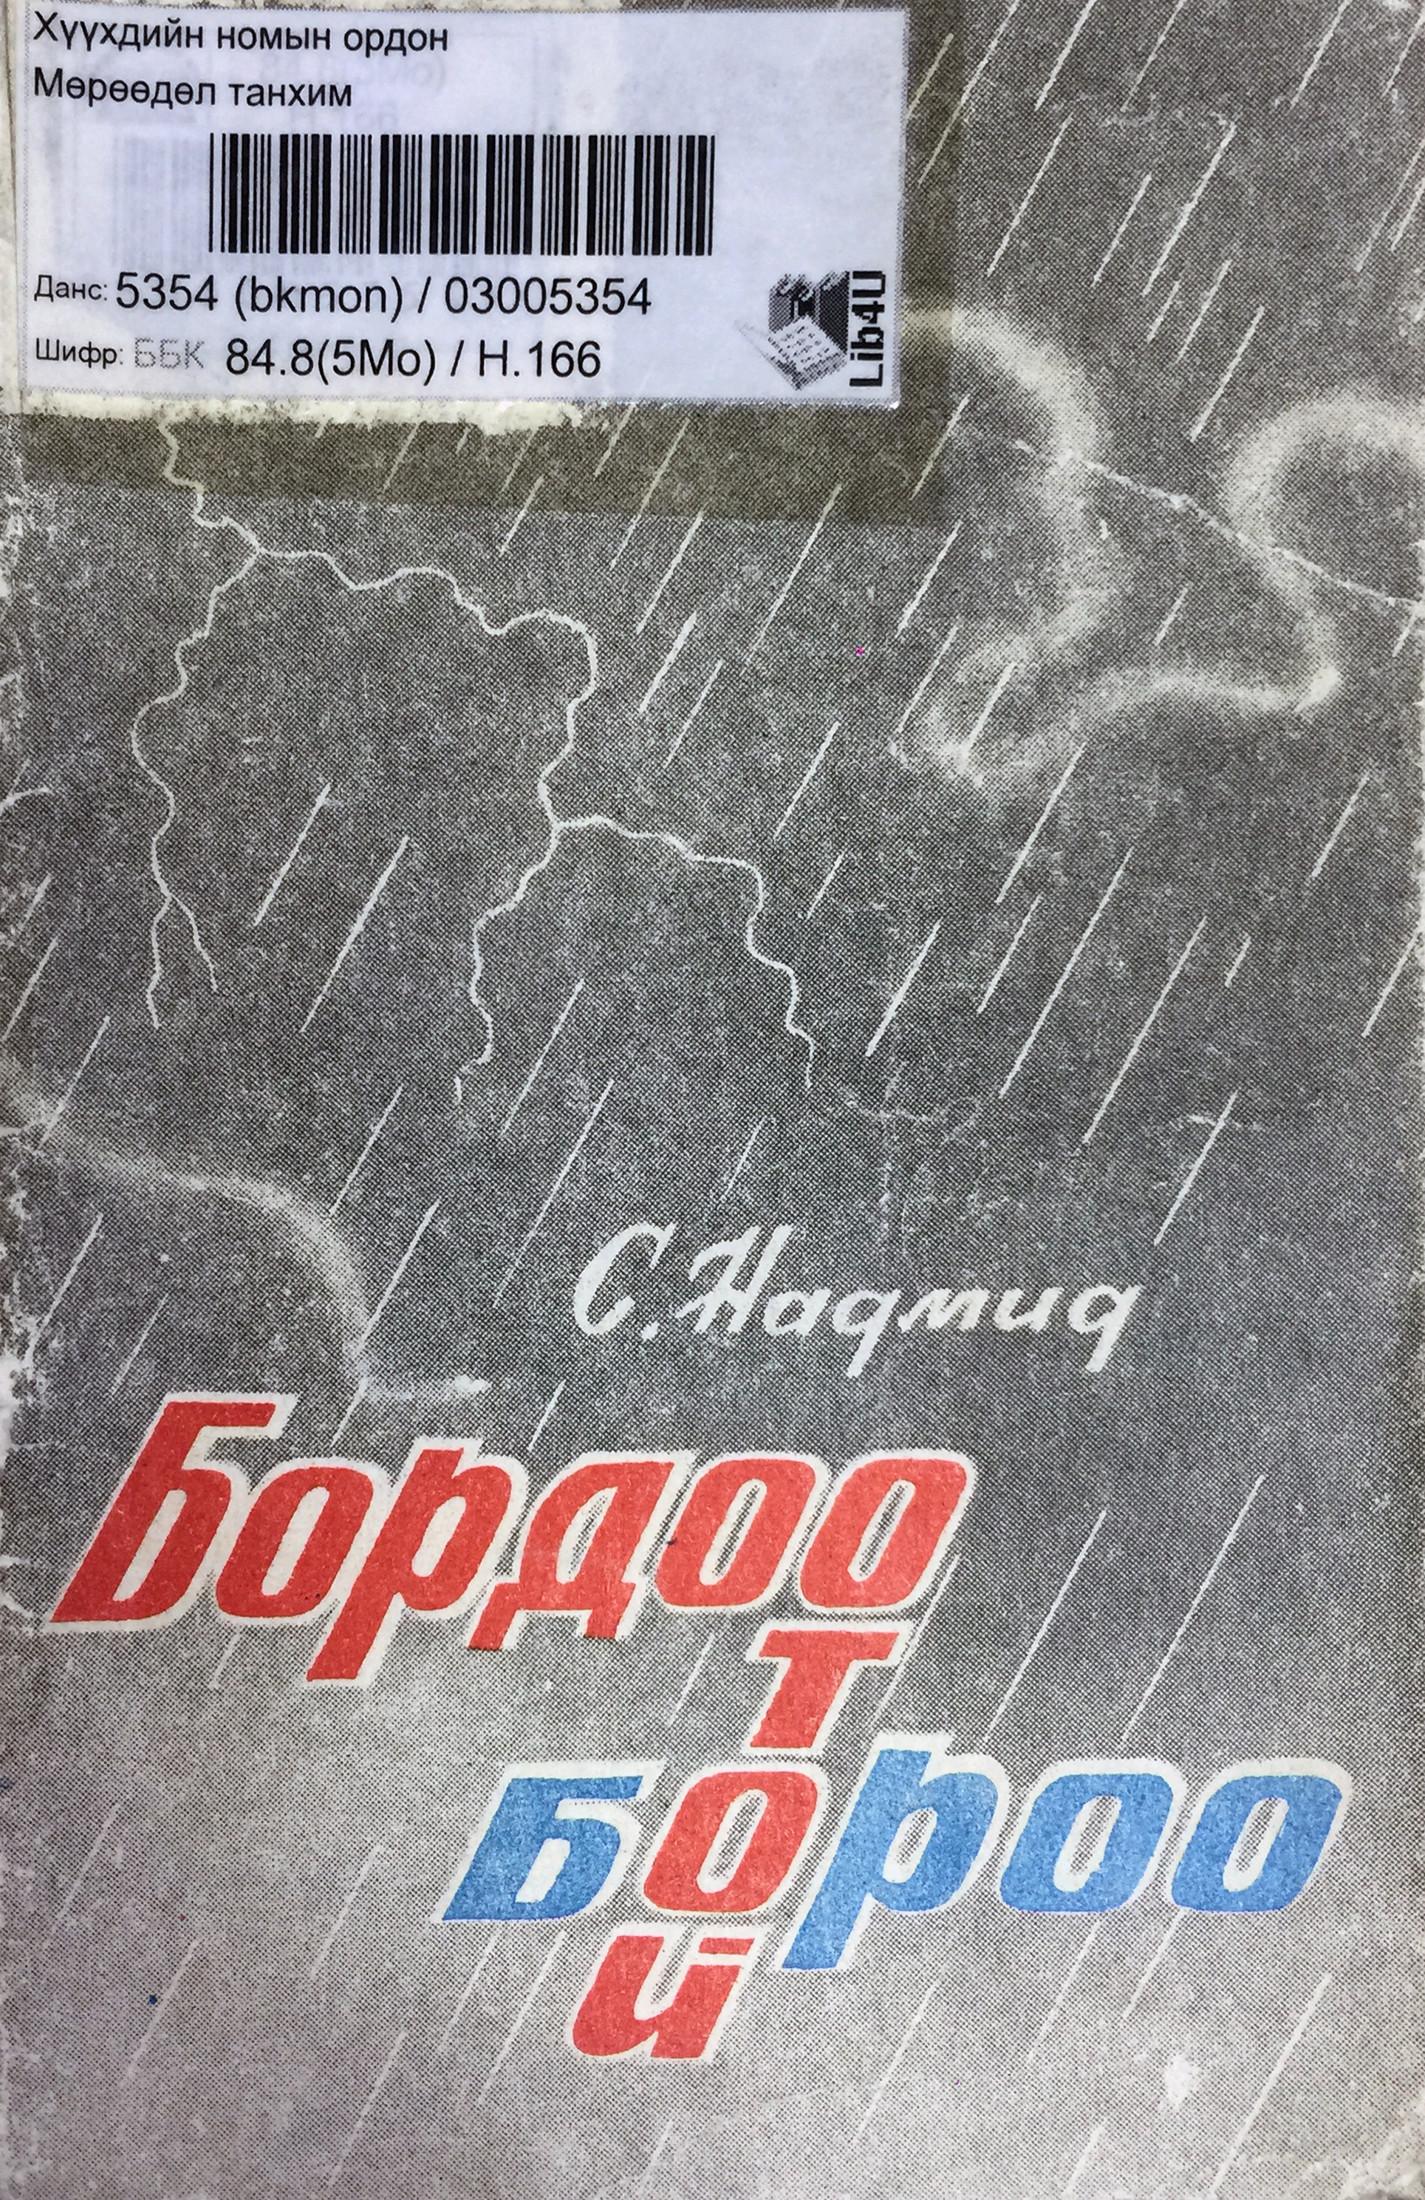 БОРДООТОЙ БОРОО